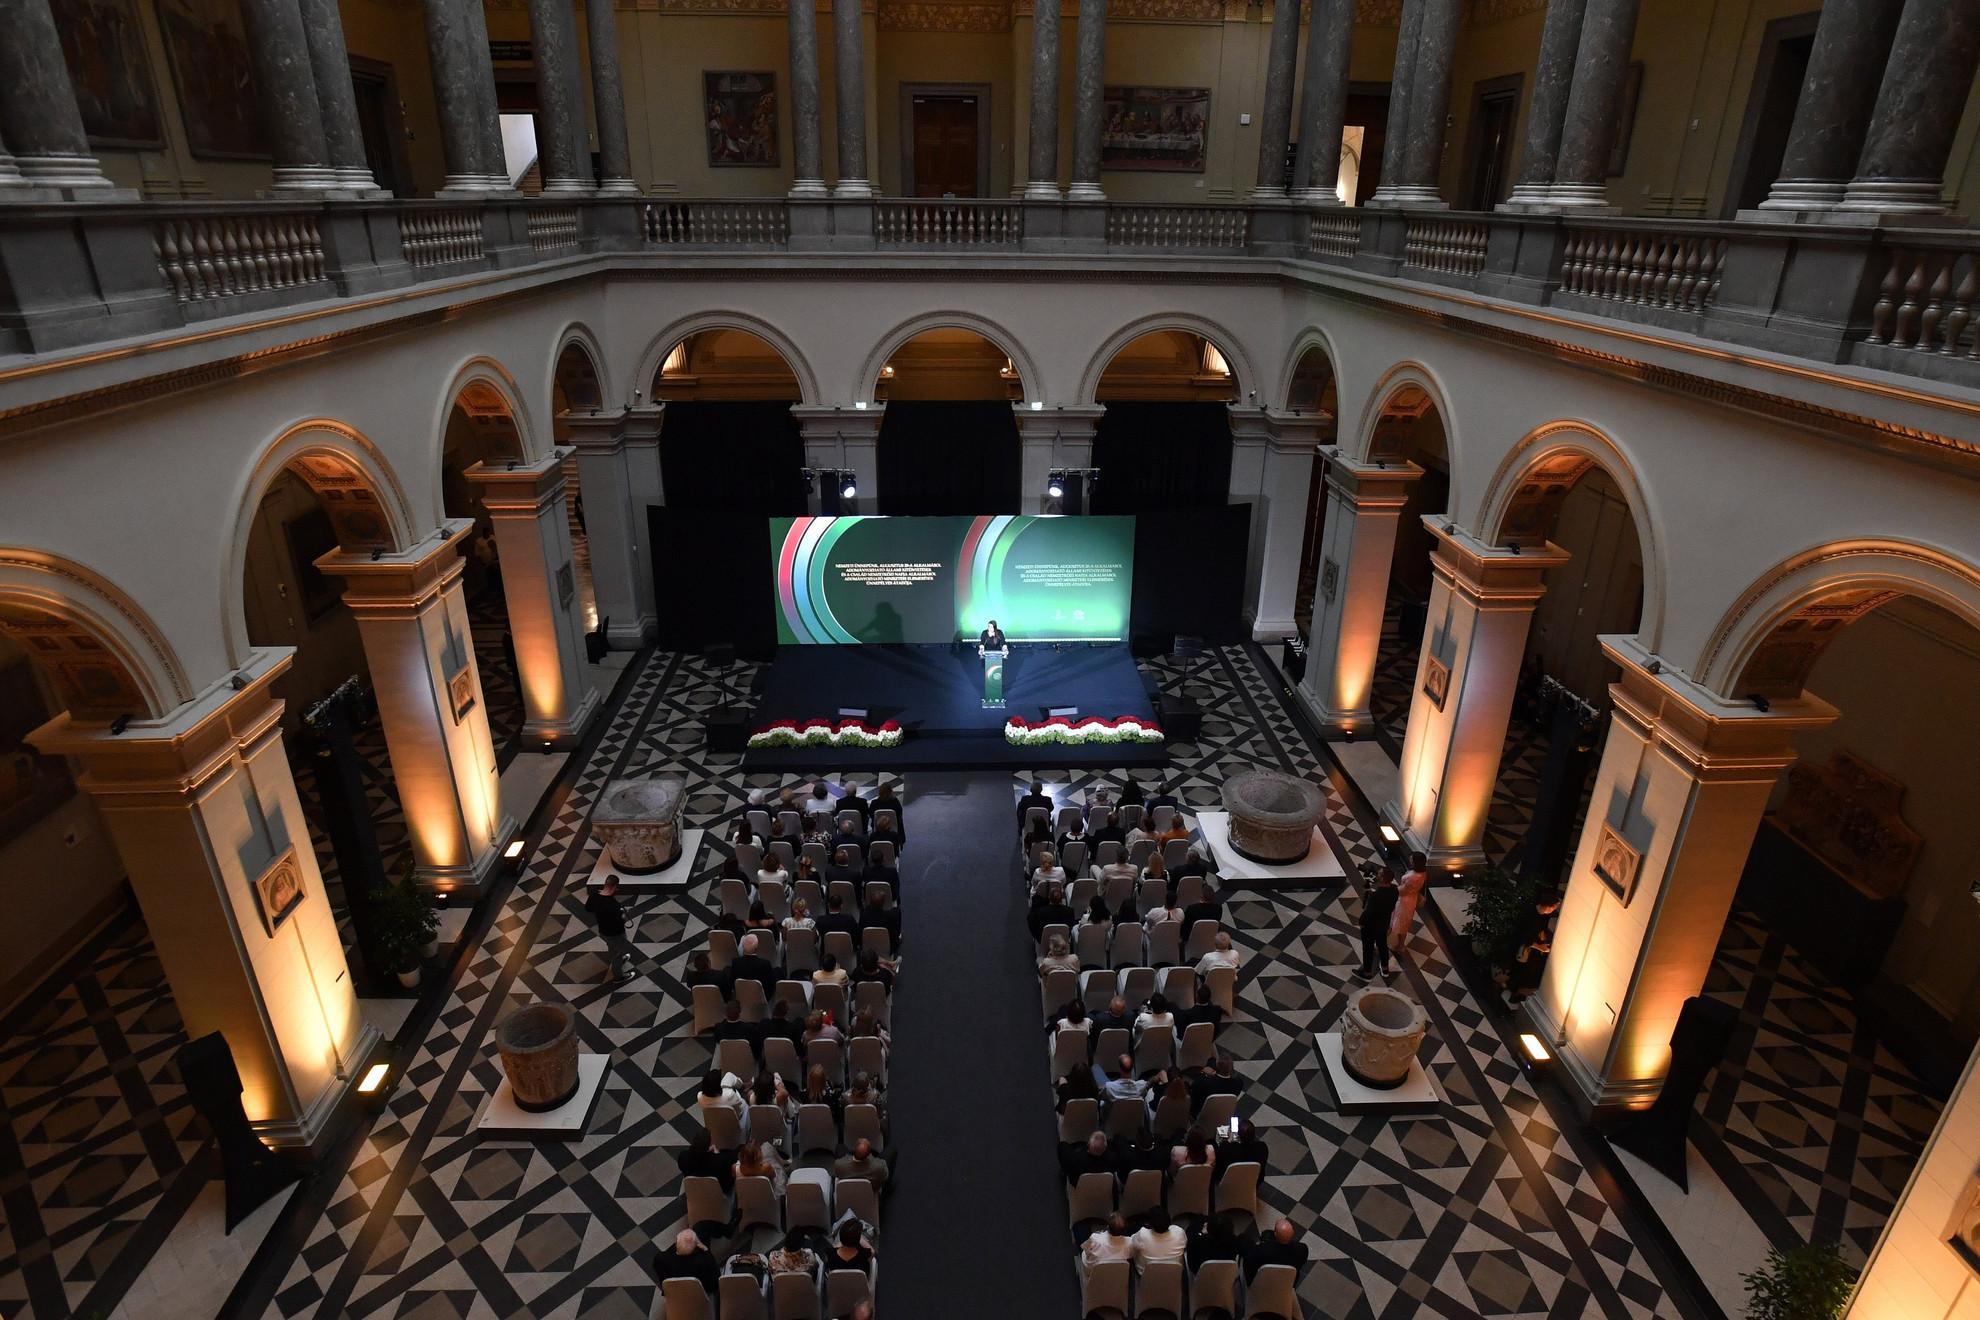 Novák Katalin családokért felelős tárca nélküli miniszter köszöntőt mond augusztus 20-a alkalmából adományozható állami kitüntetések és a család nemzetközi napja alkalmából adományozható miniszteri elismerések átadó ünnepségén a Szépművészeti Múzeum Reneszánsz termében 2021. augusztus 23-án